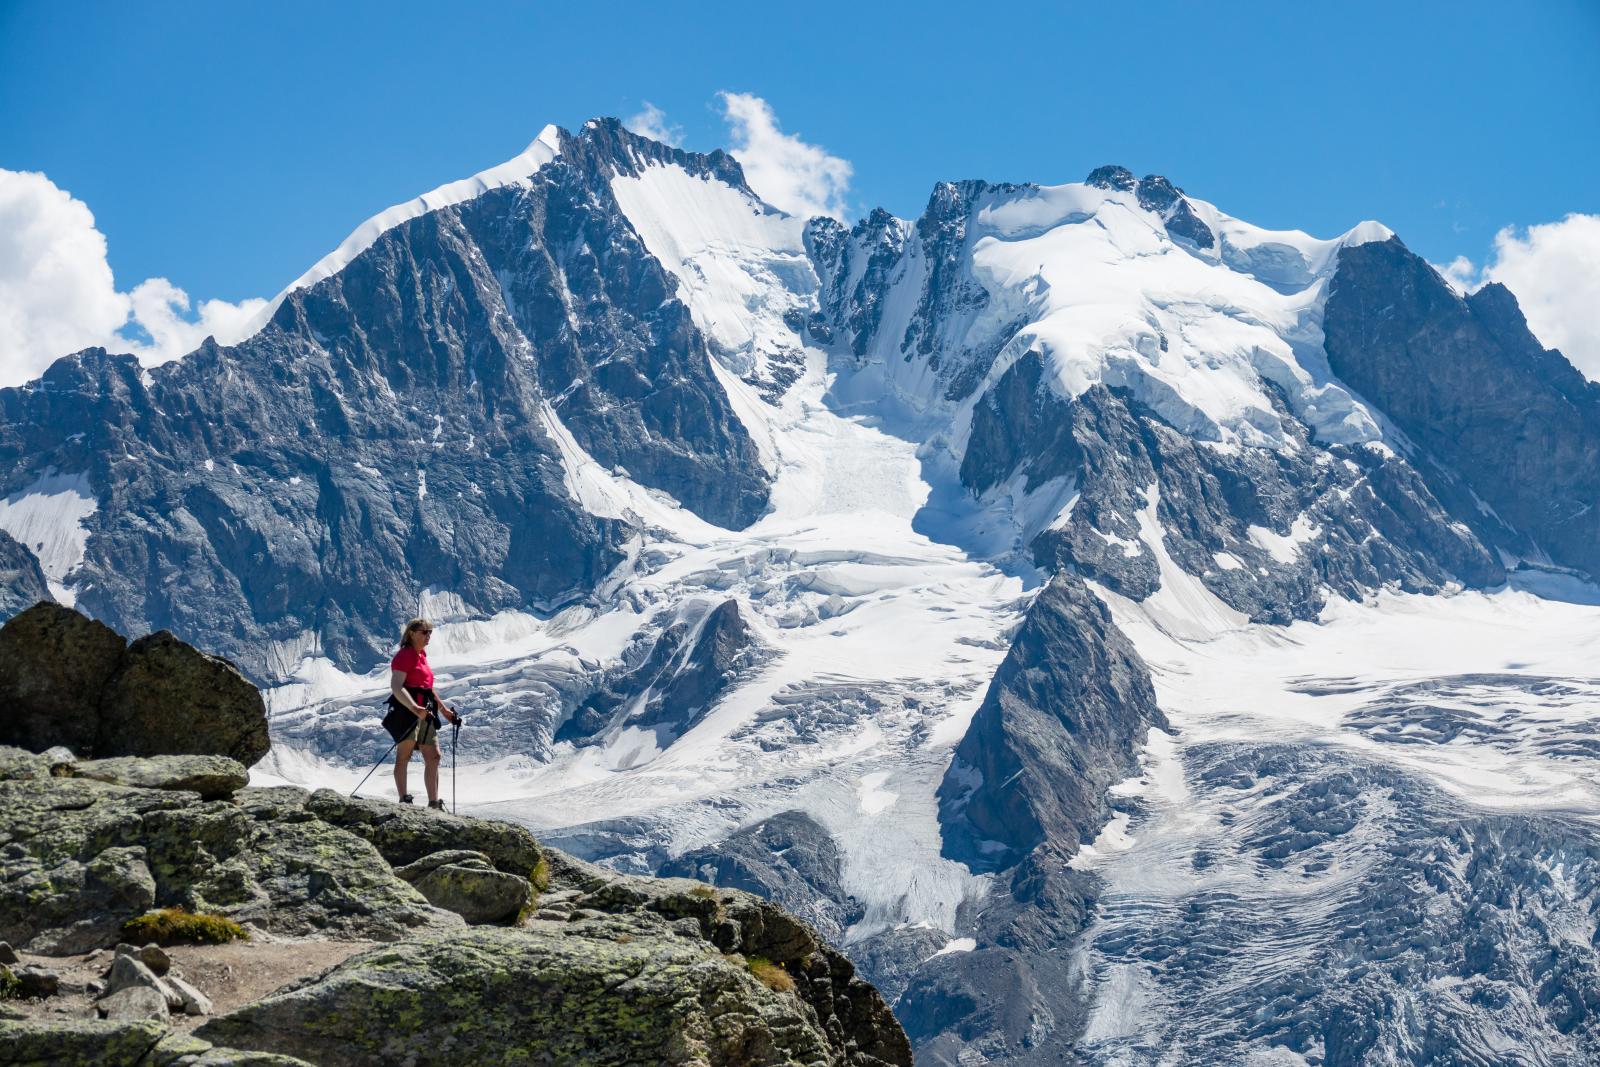 Pontresina, Upper Engadine, Canton Graubünden